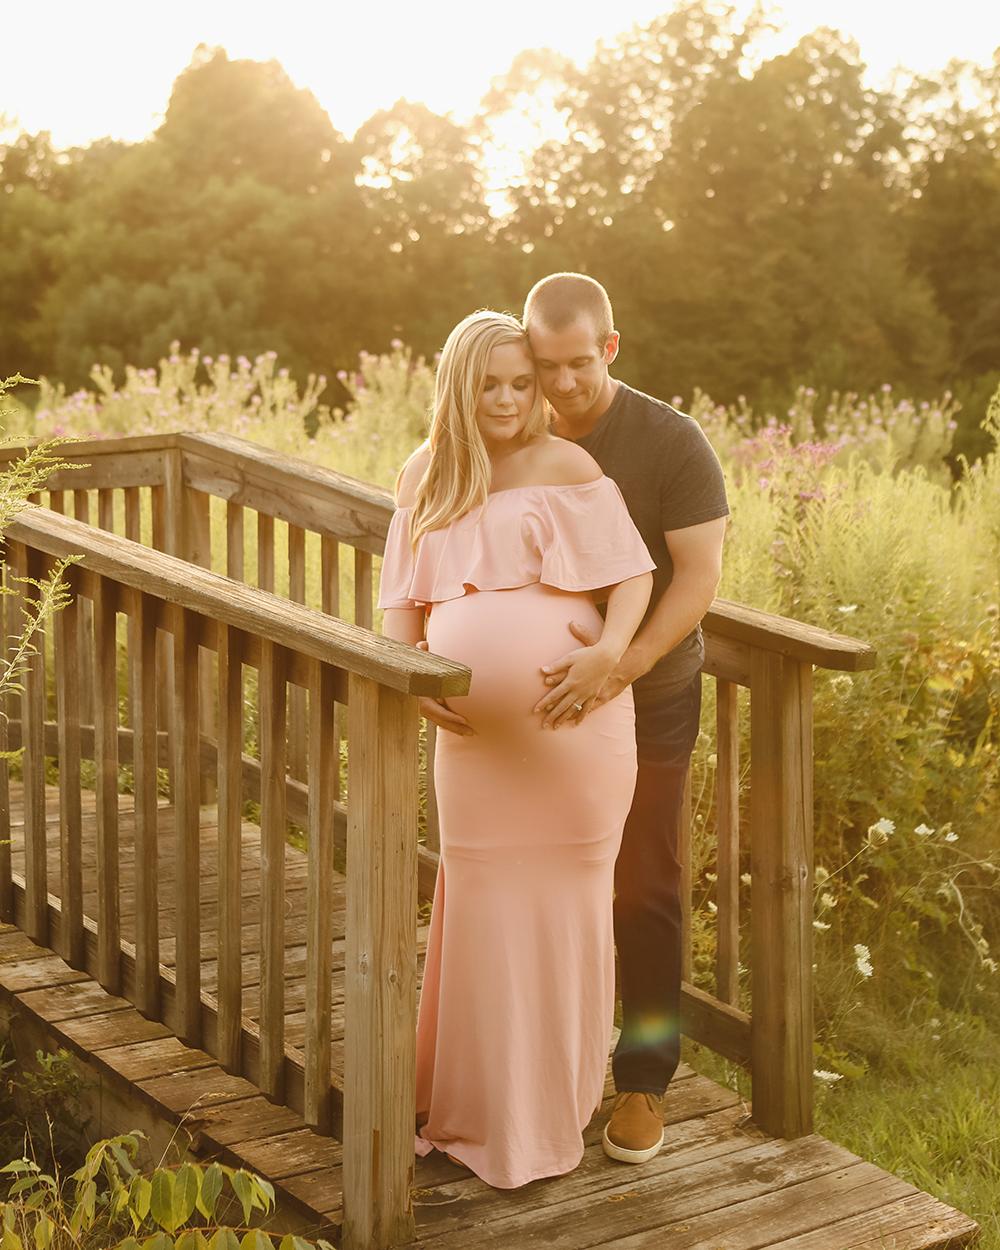 maternity photoshoot near me